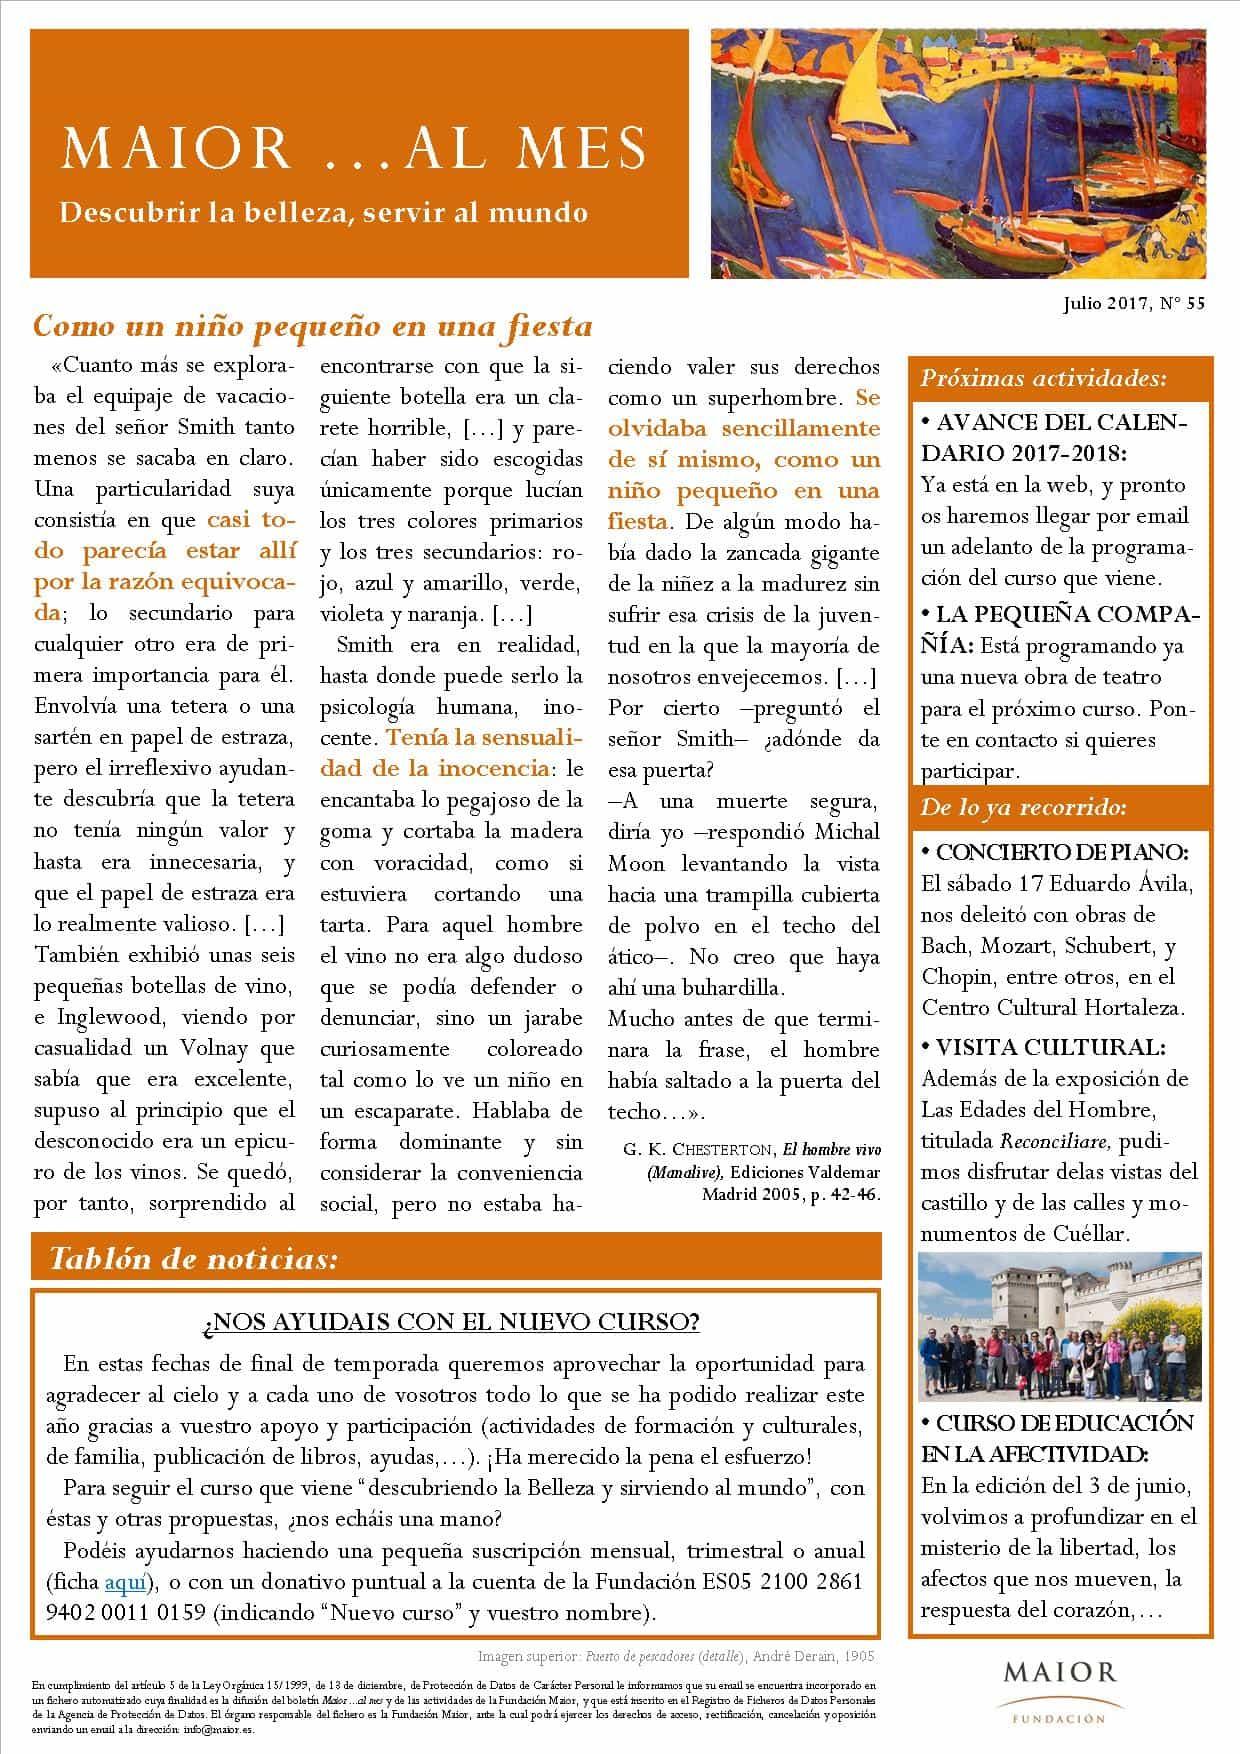 Boletín mensual de noticias y actividades de la Fundación Maior. Edición de julio 2017